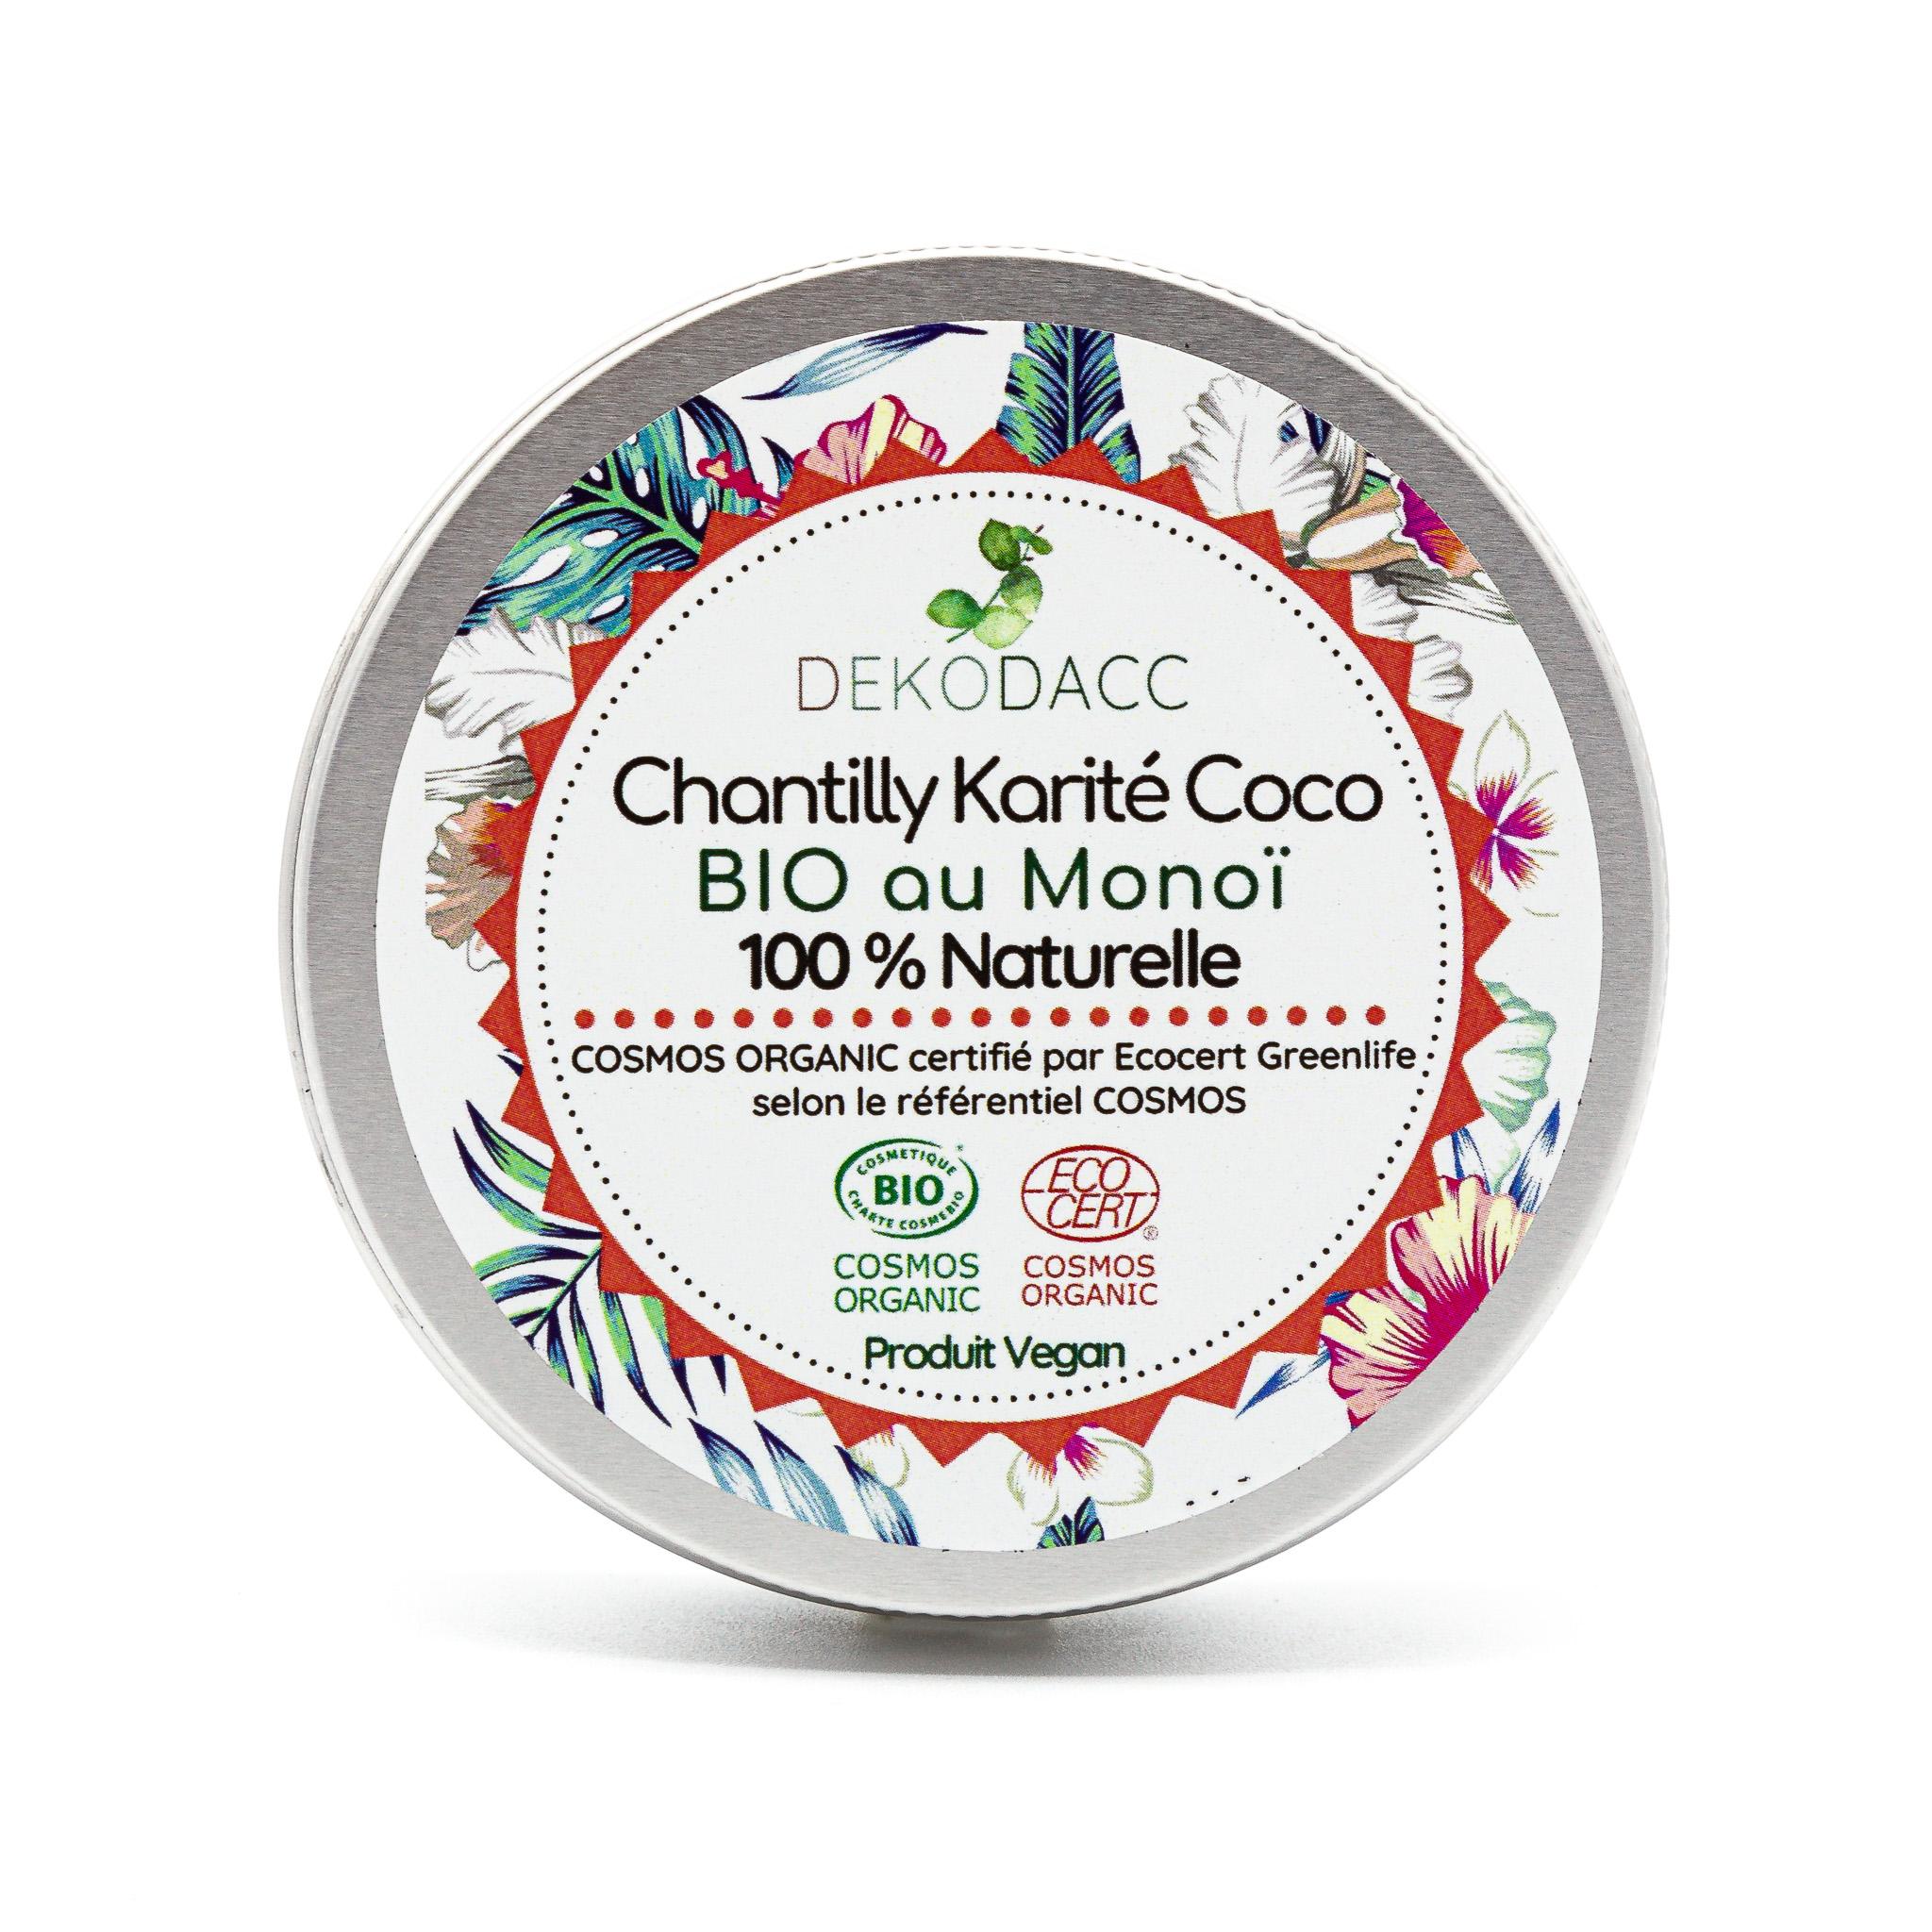 chantilly karité coco bio & vegan au monoï de chez dekodacc